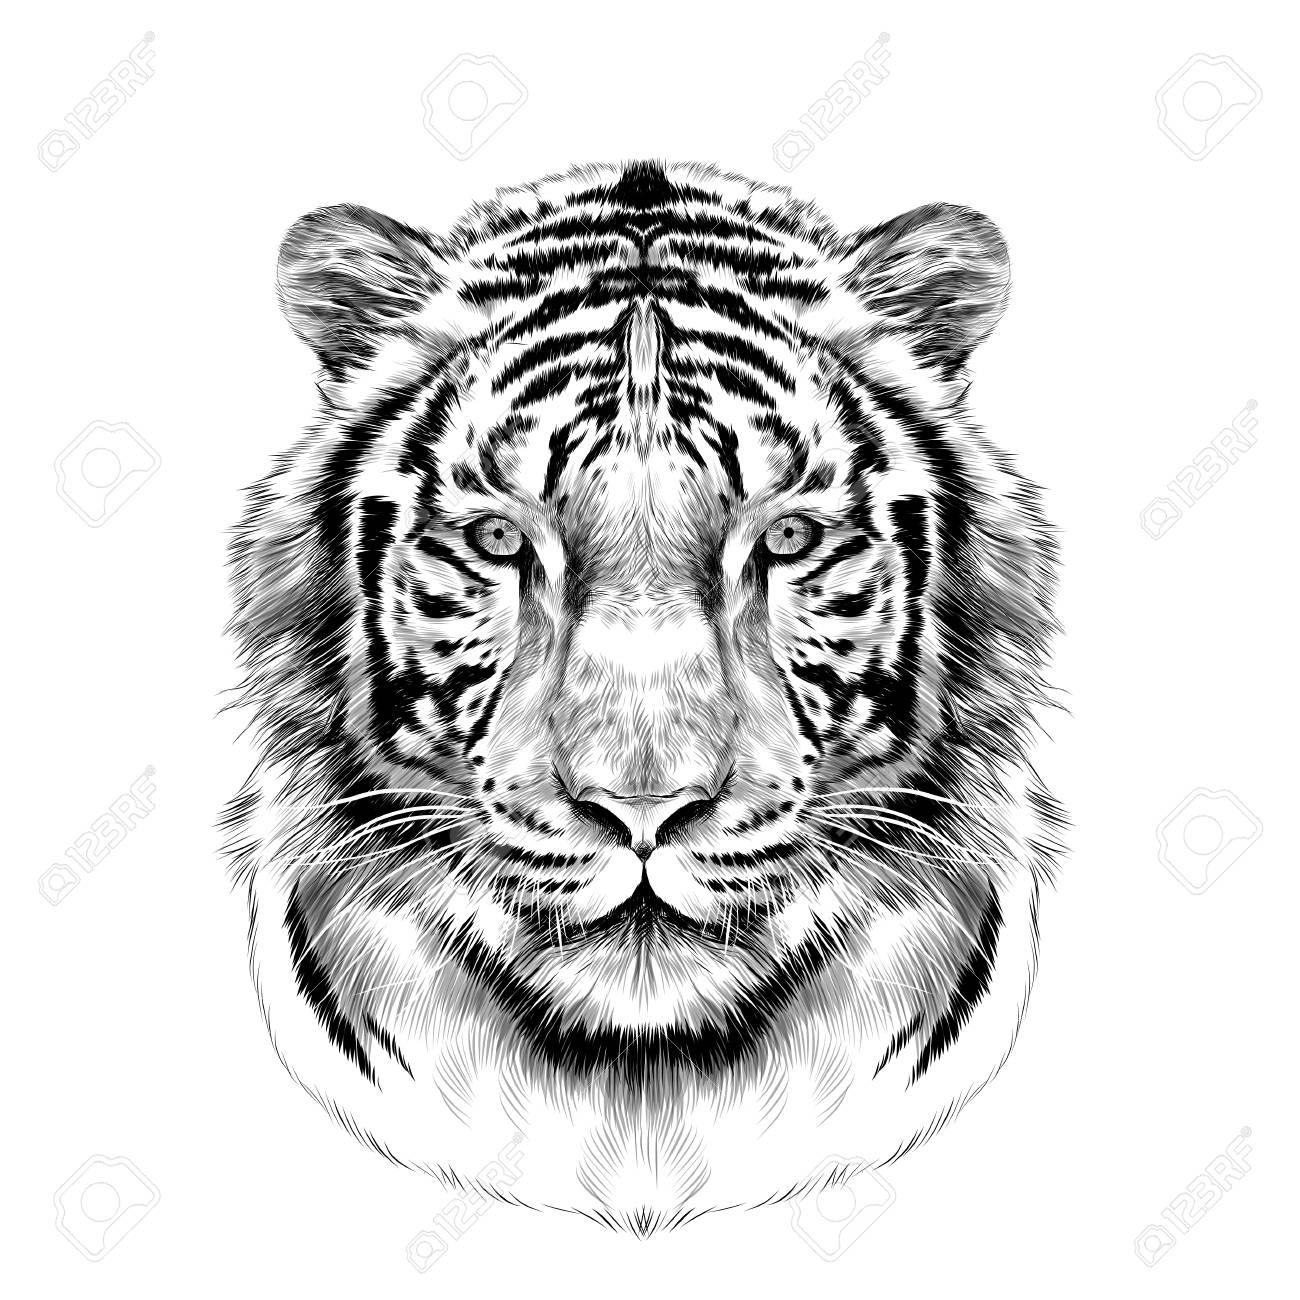 Dessin Crayon Tigre Fonds D Ecran Art Crayon Fonds D Ecran